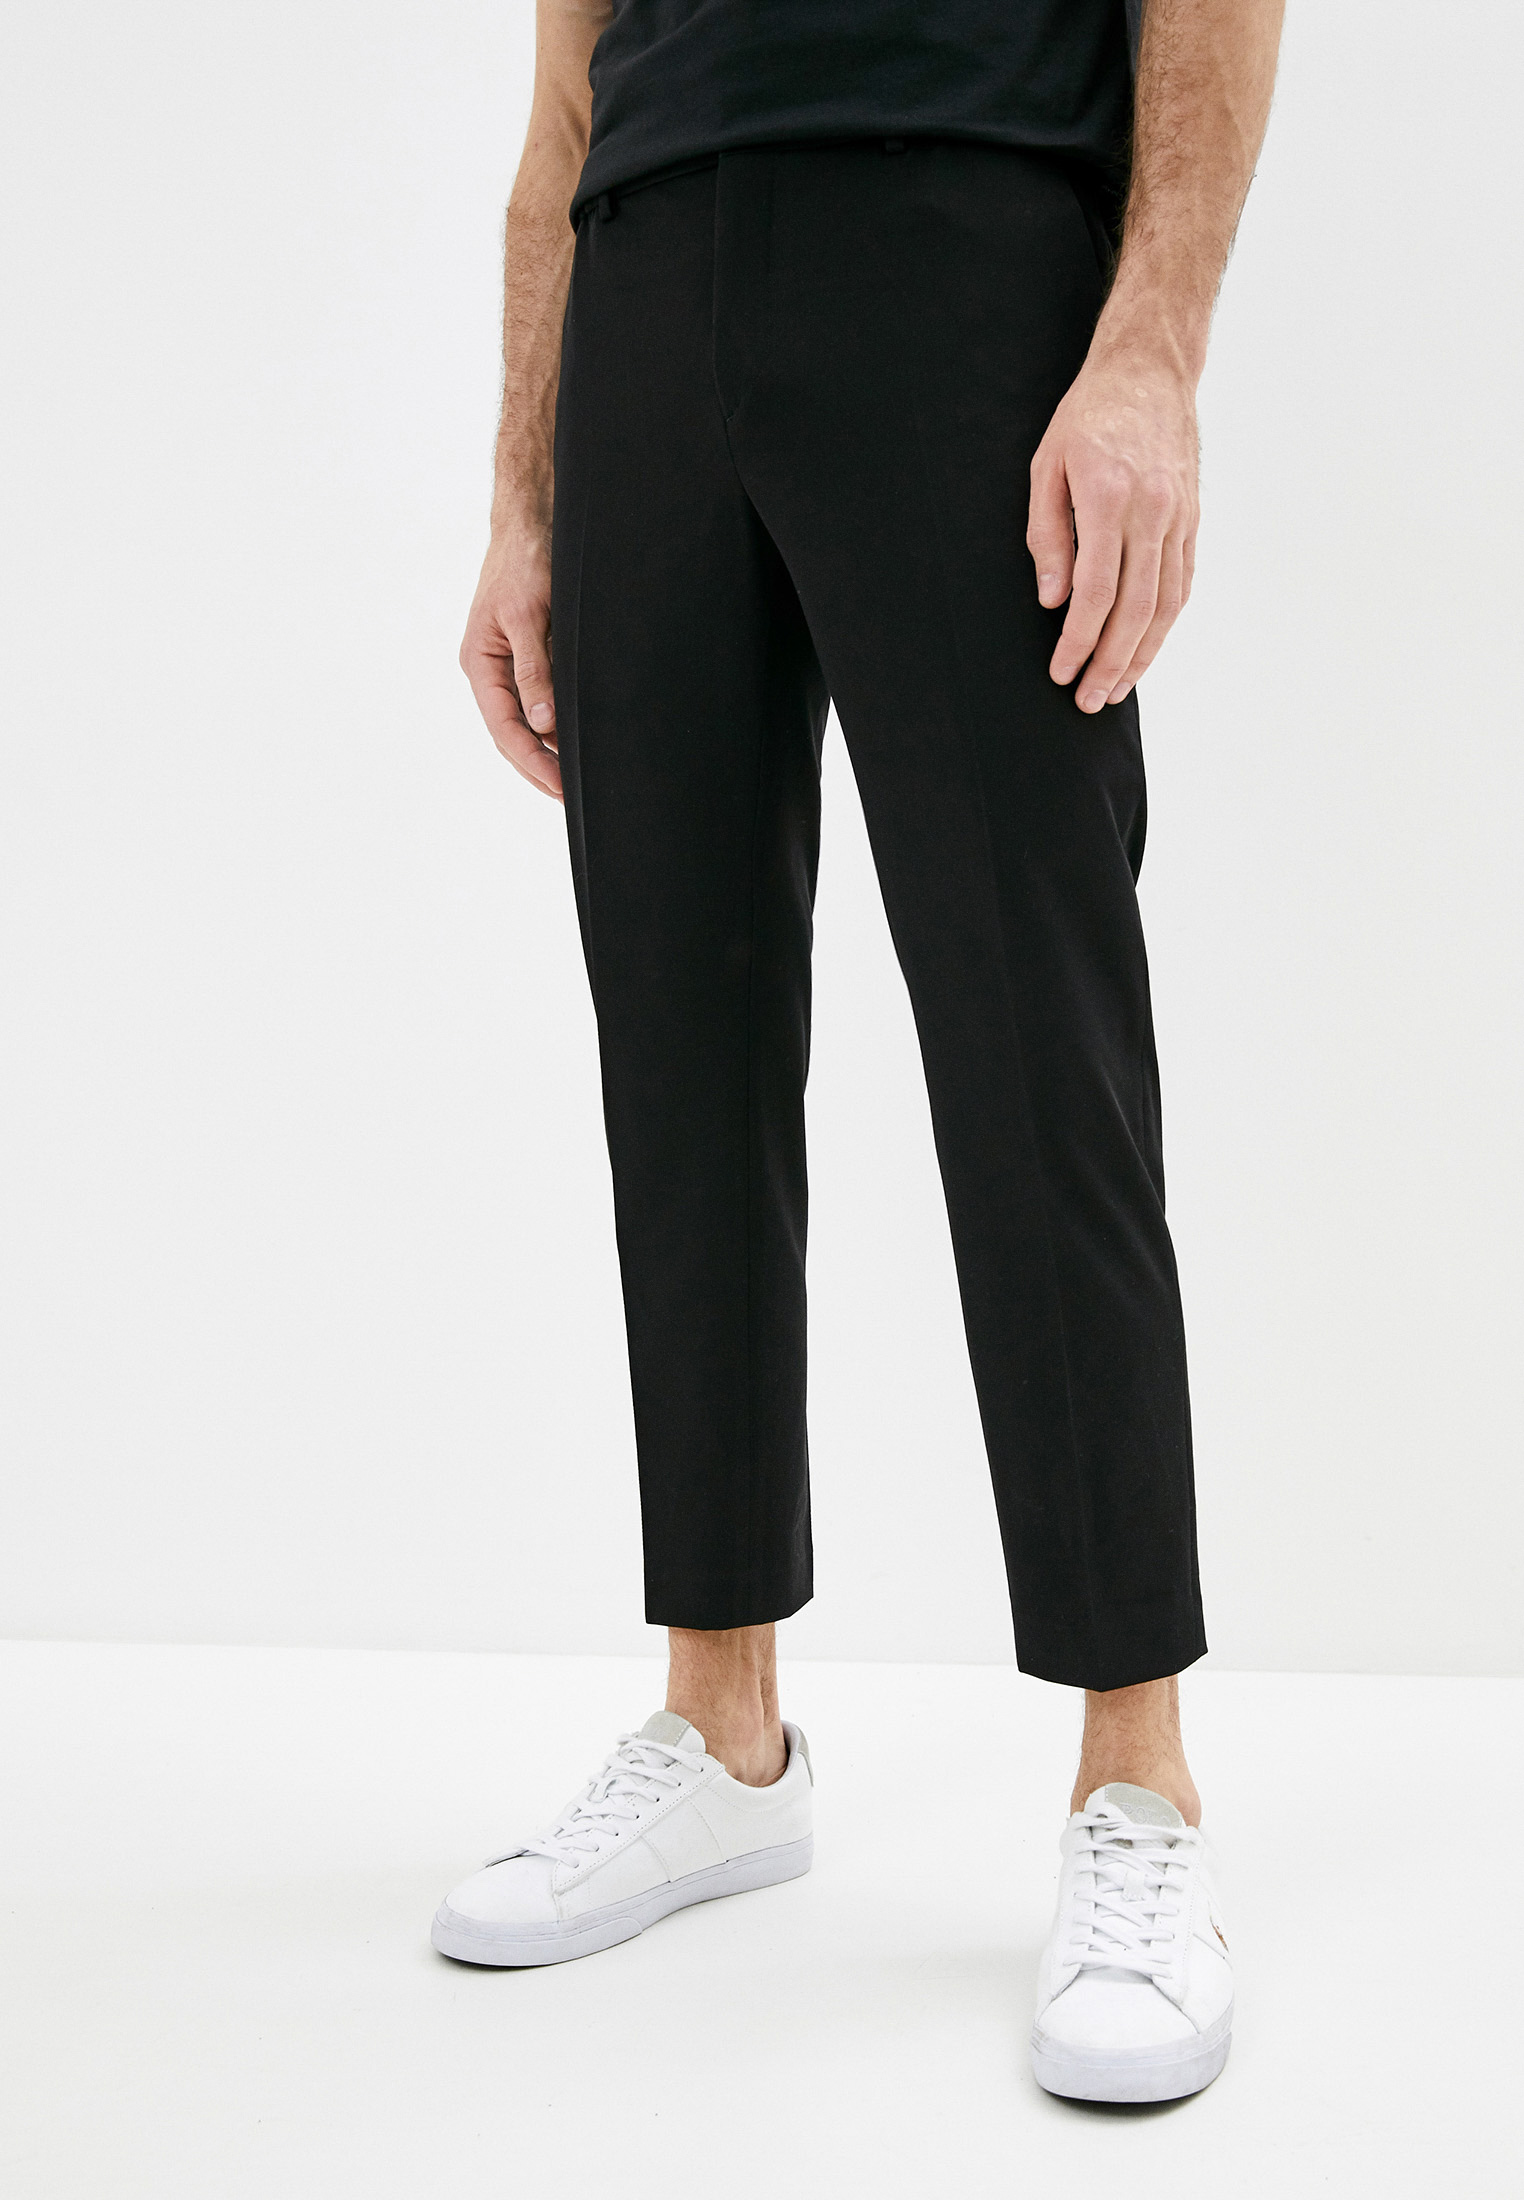 Мужские повседневные брюки Calvin Klein (Кельвин Кляйн) k10k105236